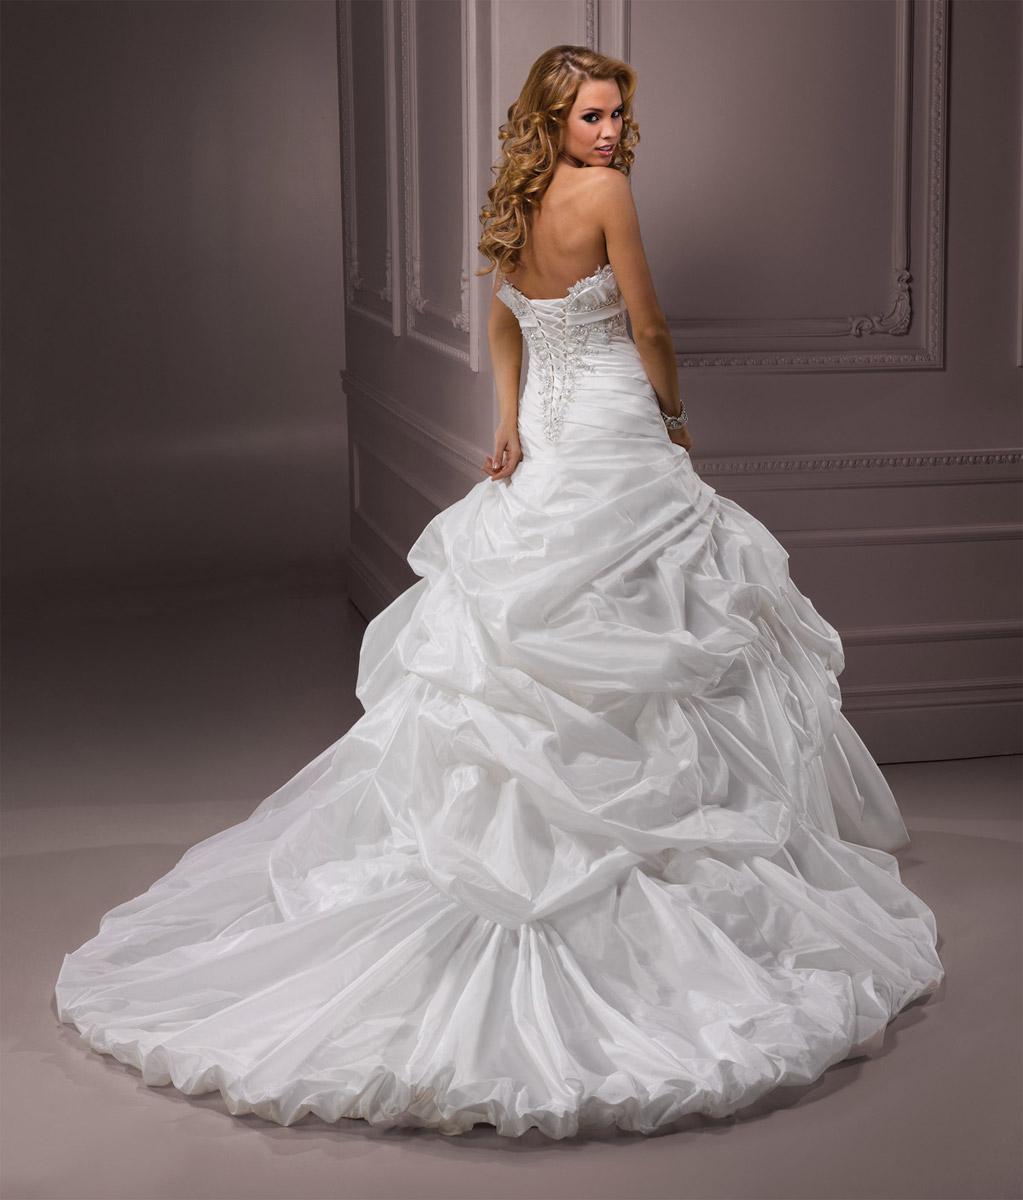 Výpredaj svadobných šiat! - Farba: diamond white/silver accent, veľkosť 32-36